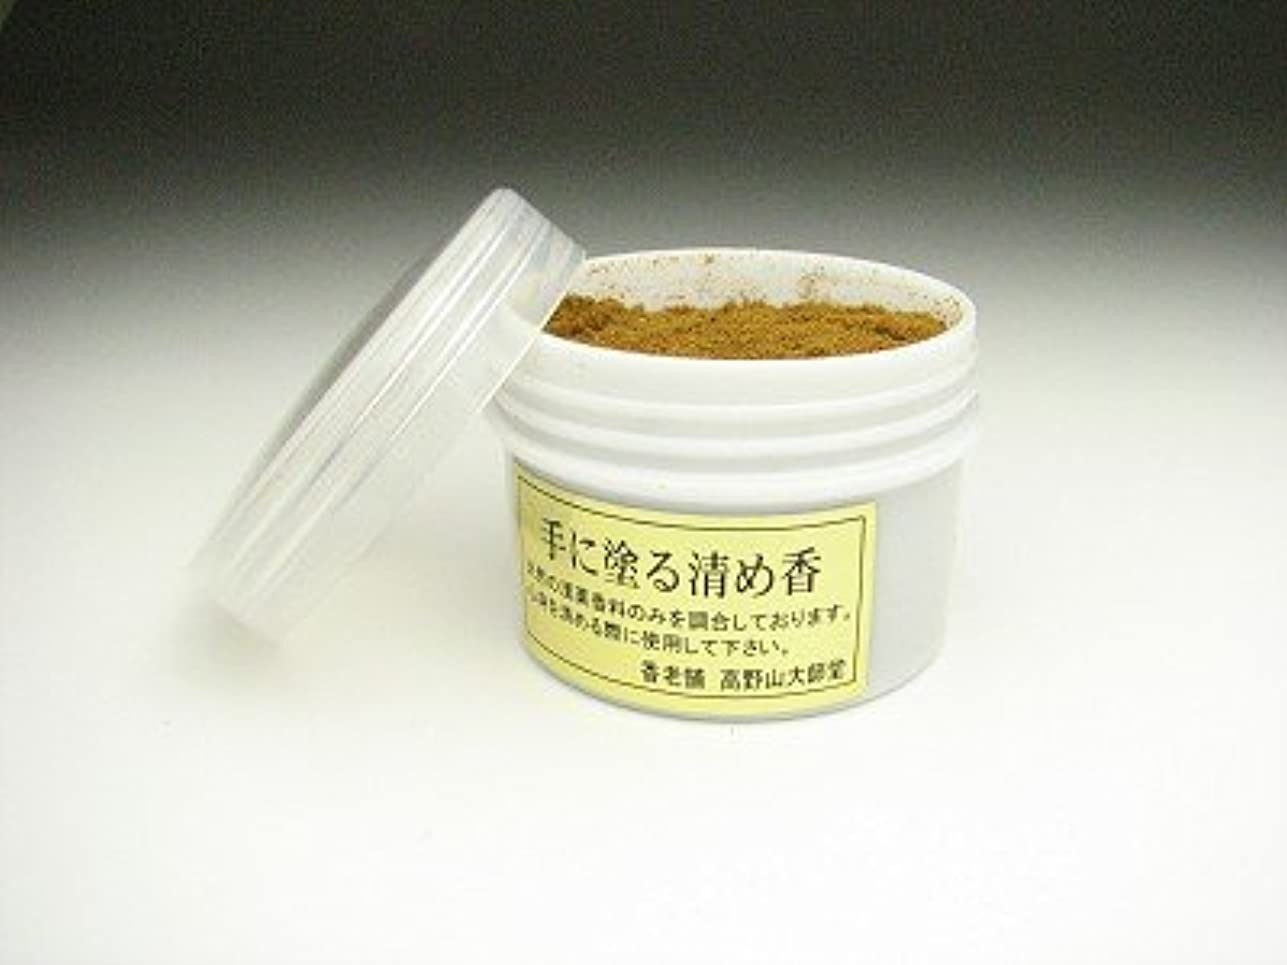 召喚するイディオム欠点塗香 (手に塗る清め香) 15g プラカップ入